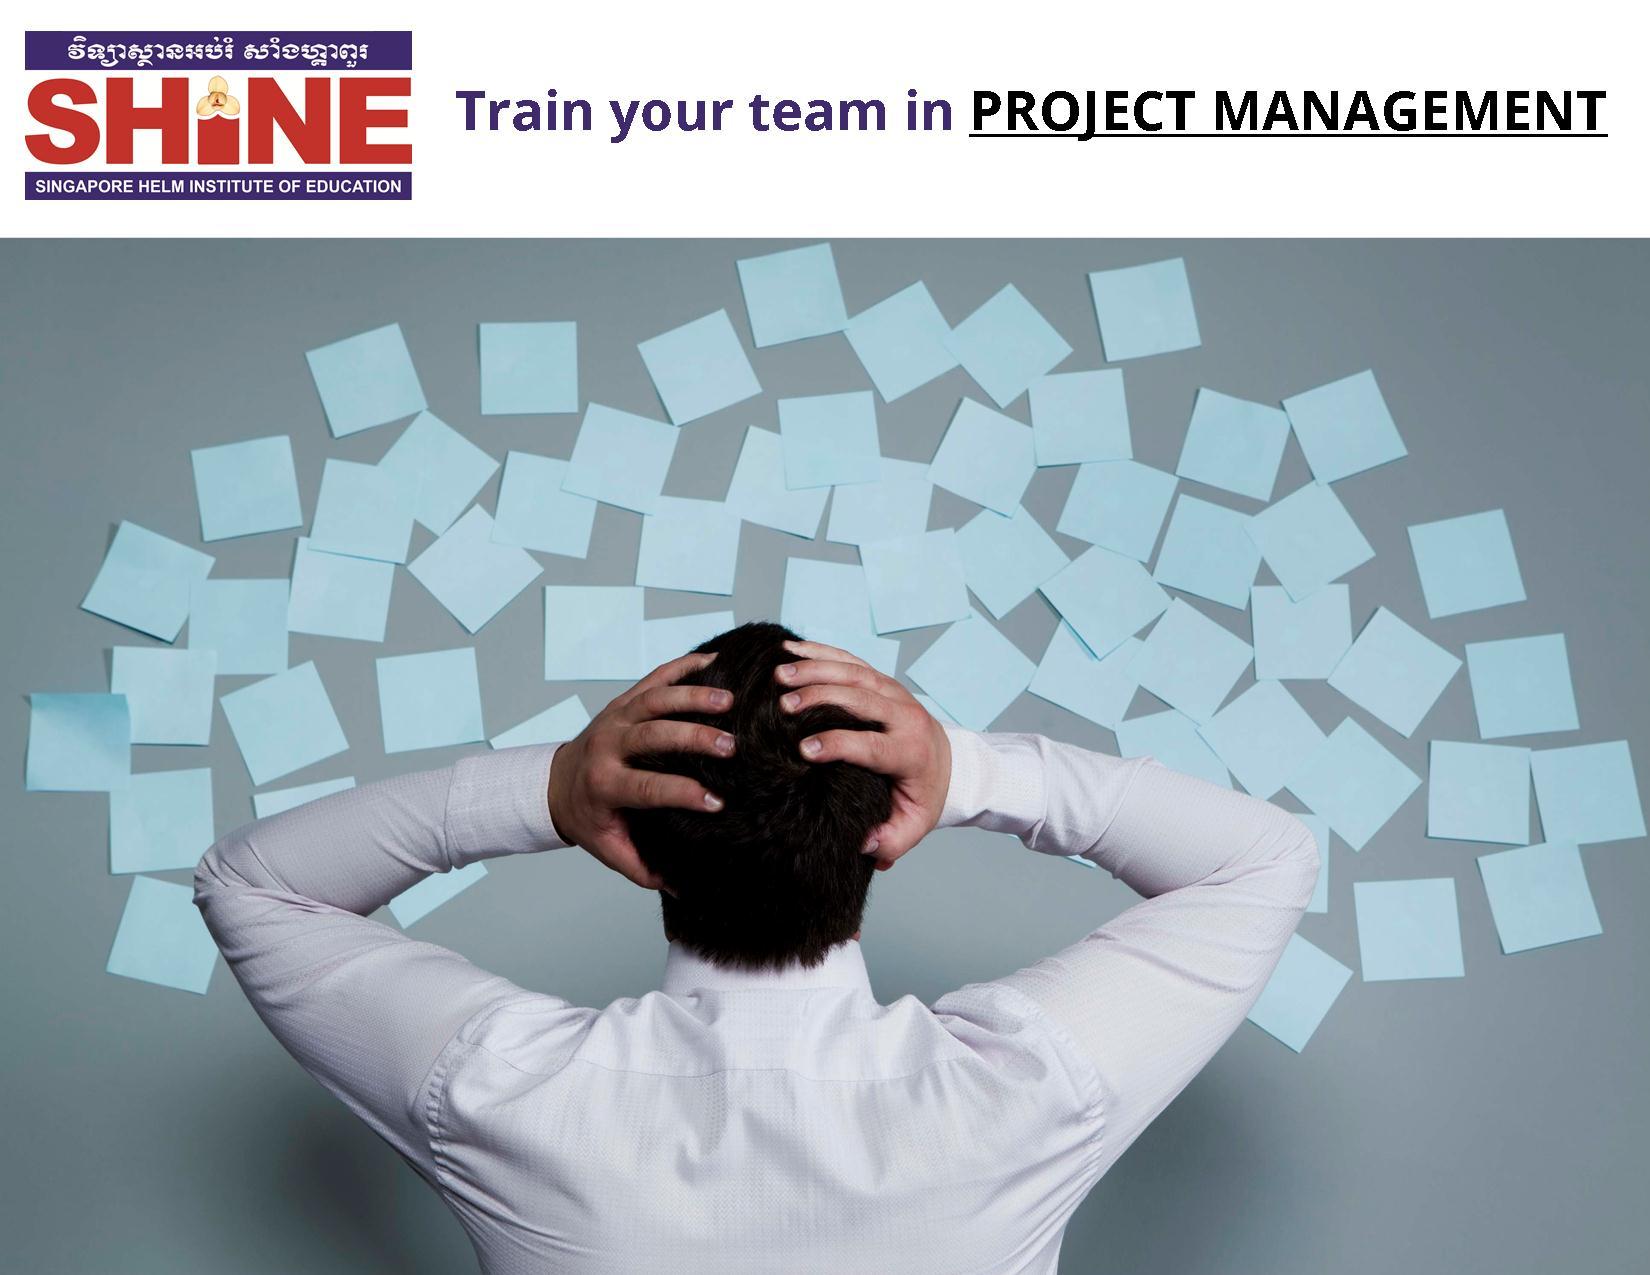 Project Management April 23, 2016